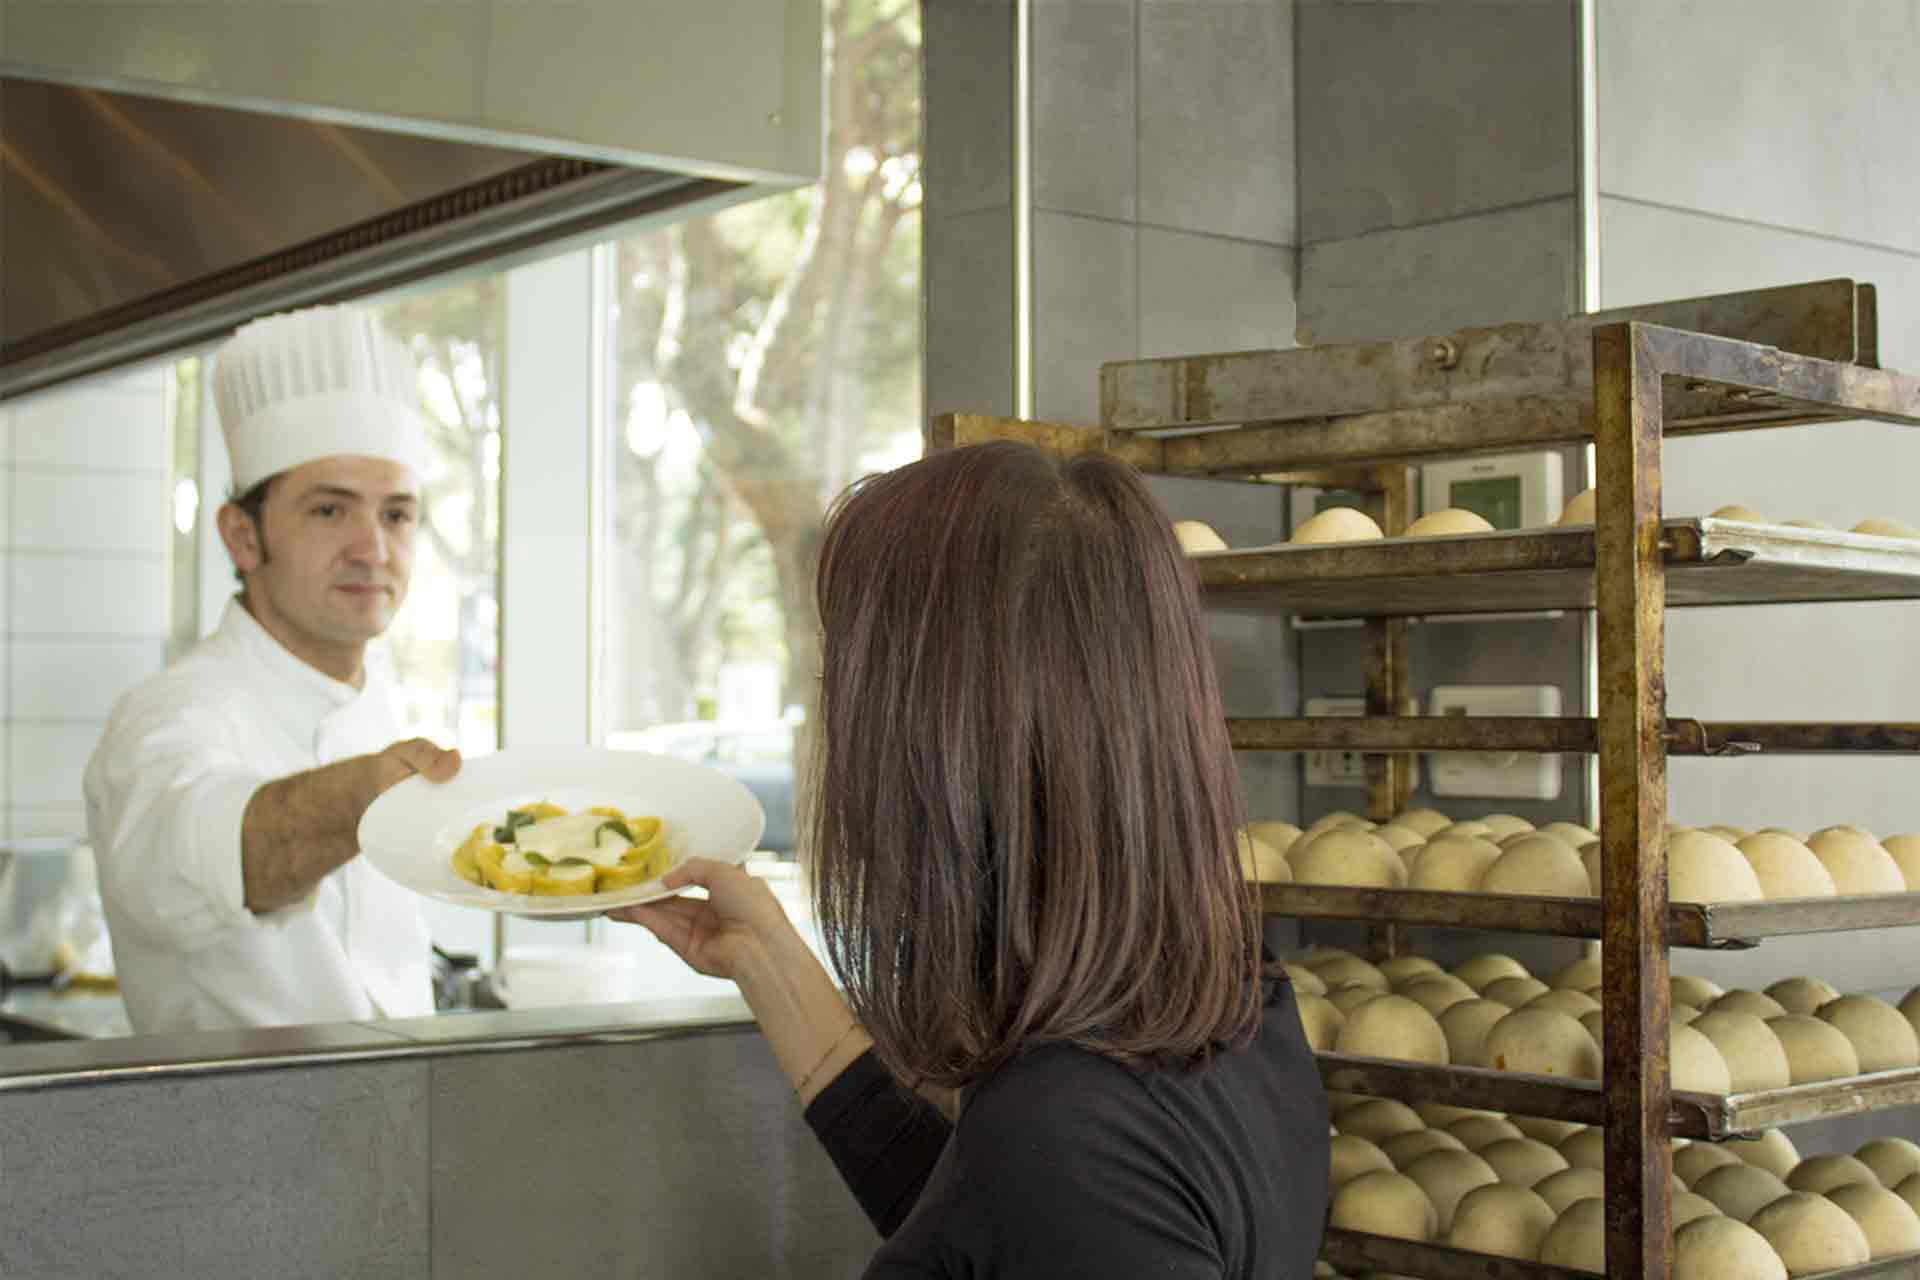 Riccione pausa pranzo al panificio tre indirizzi da provare subito my trolley blog - Mangiare e andare subito in bagno ...